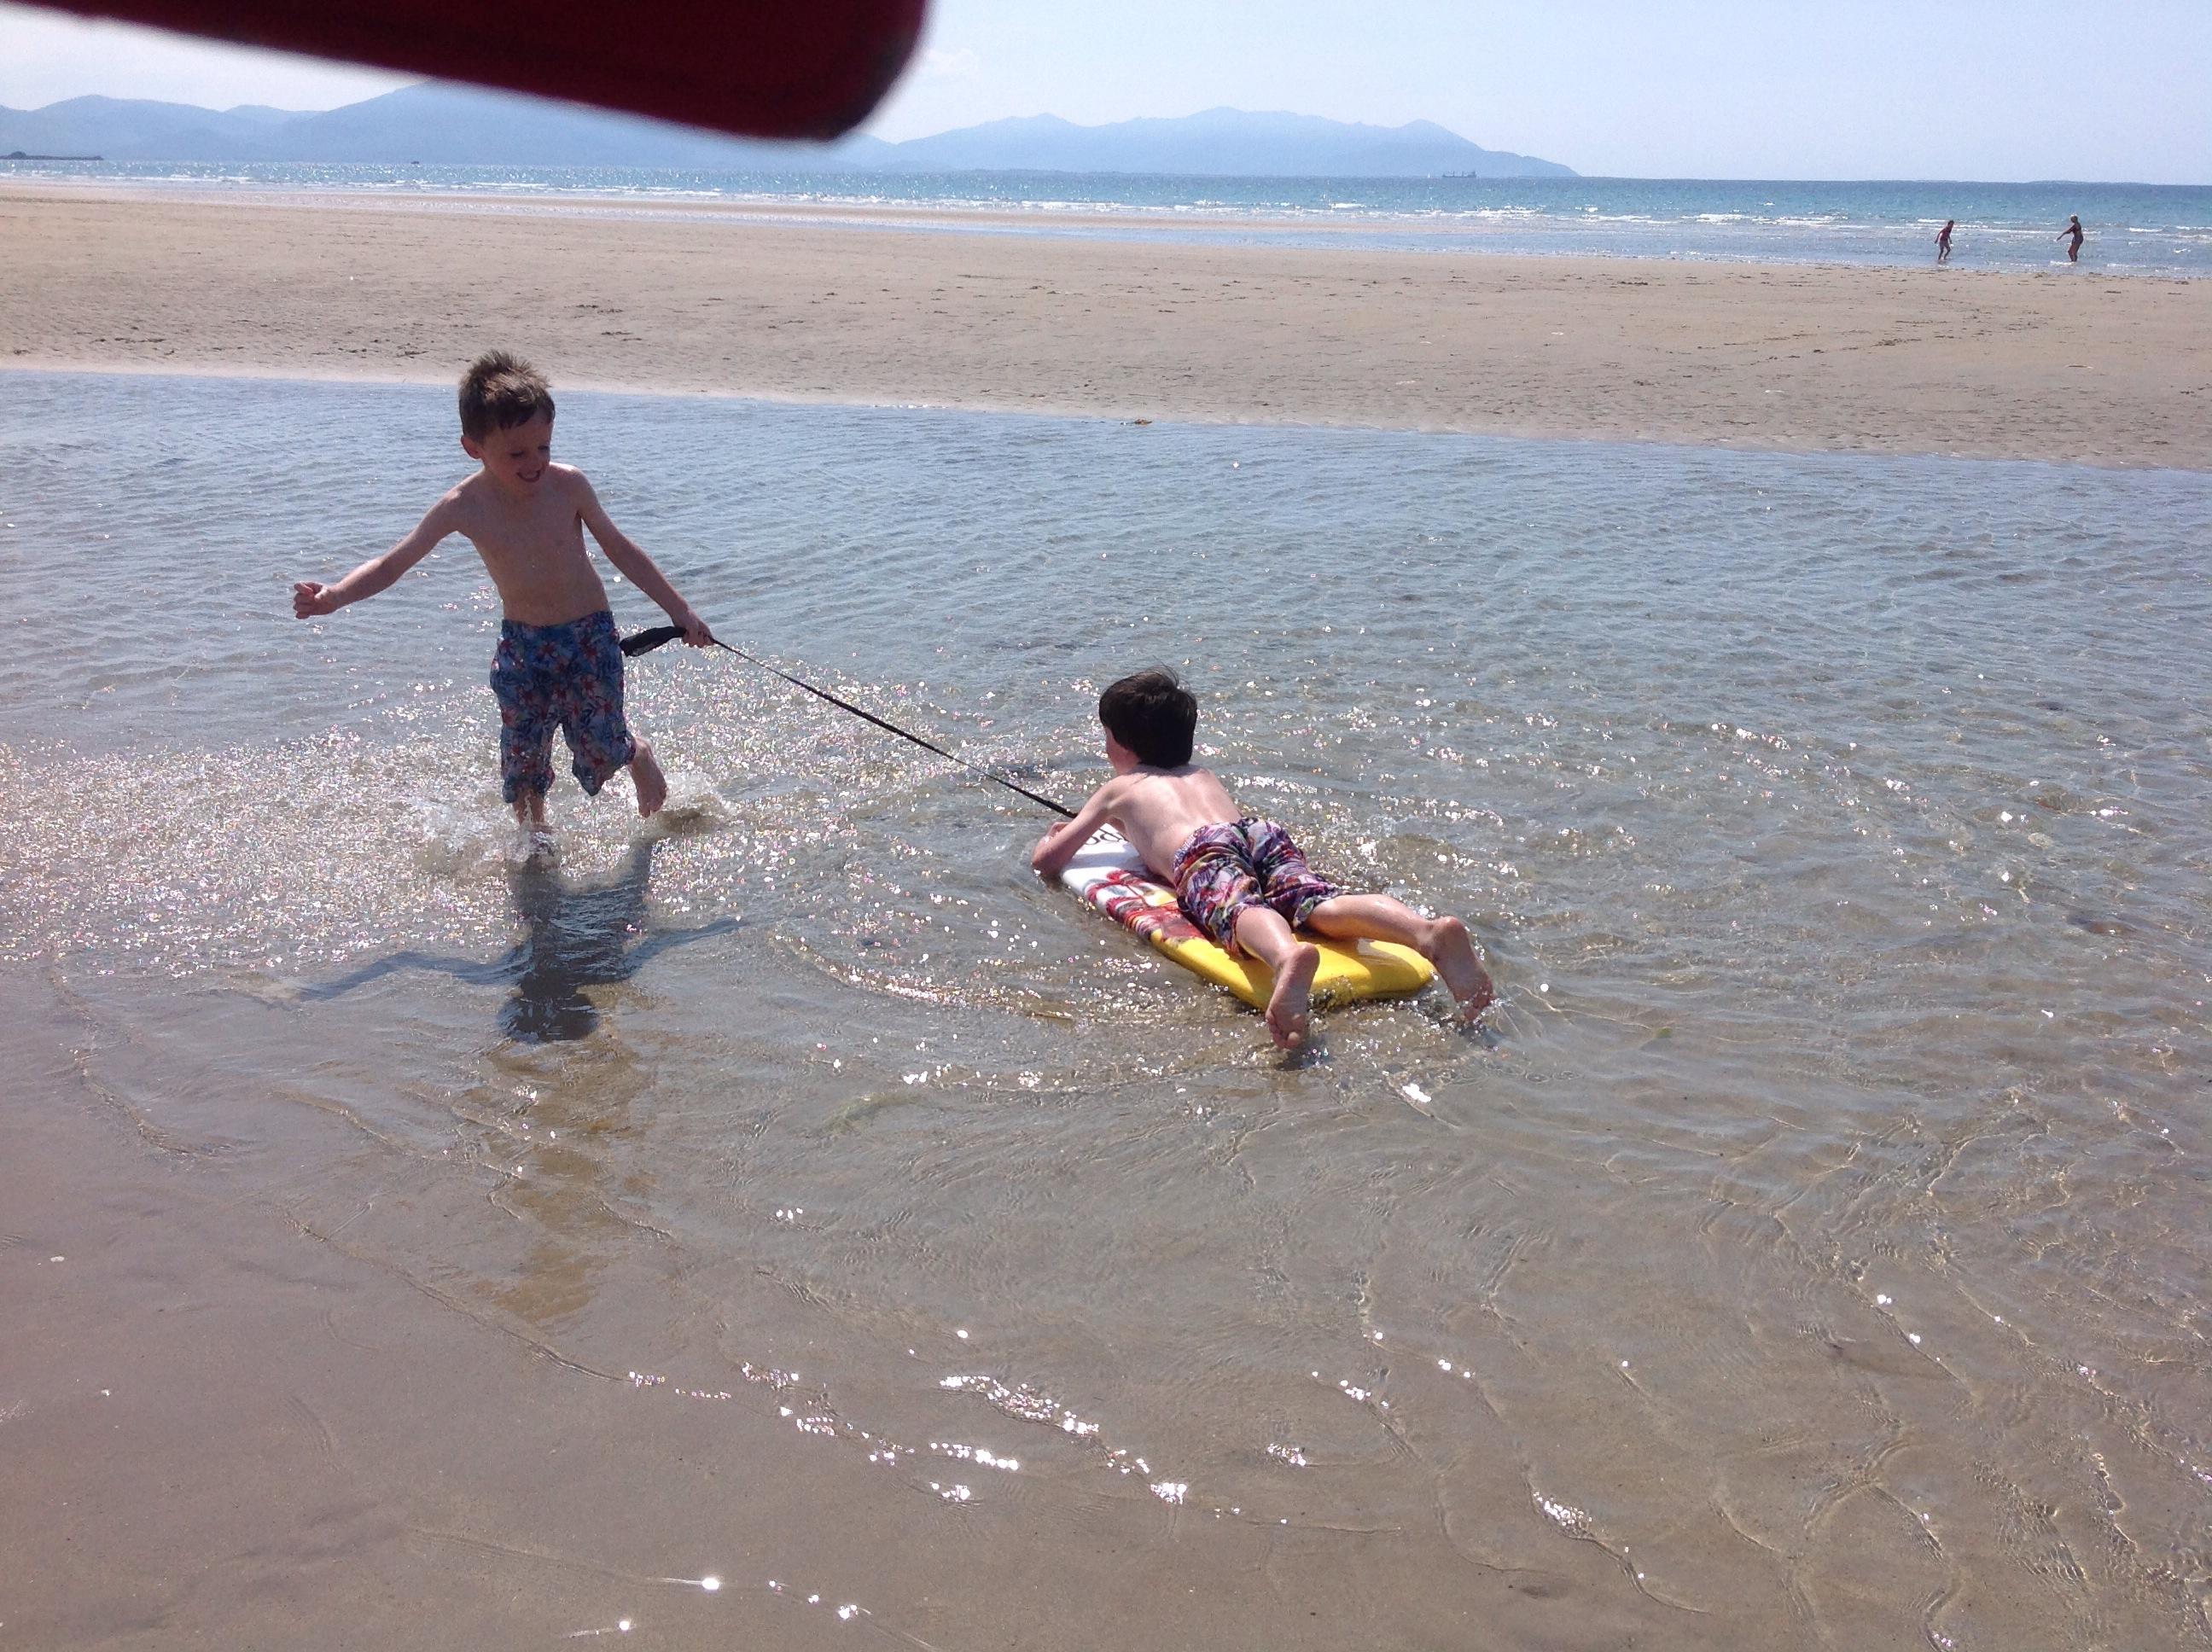 Beach days with the boys